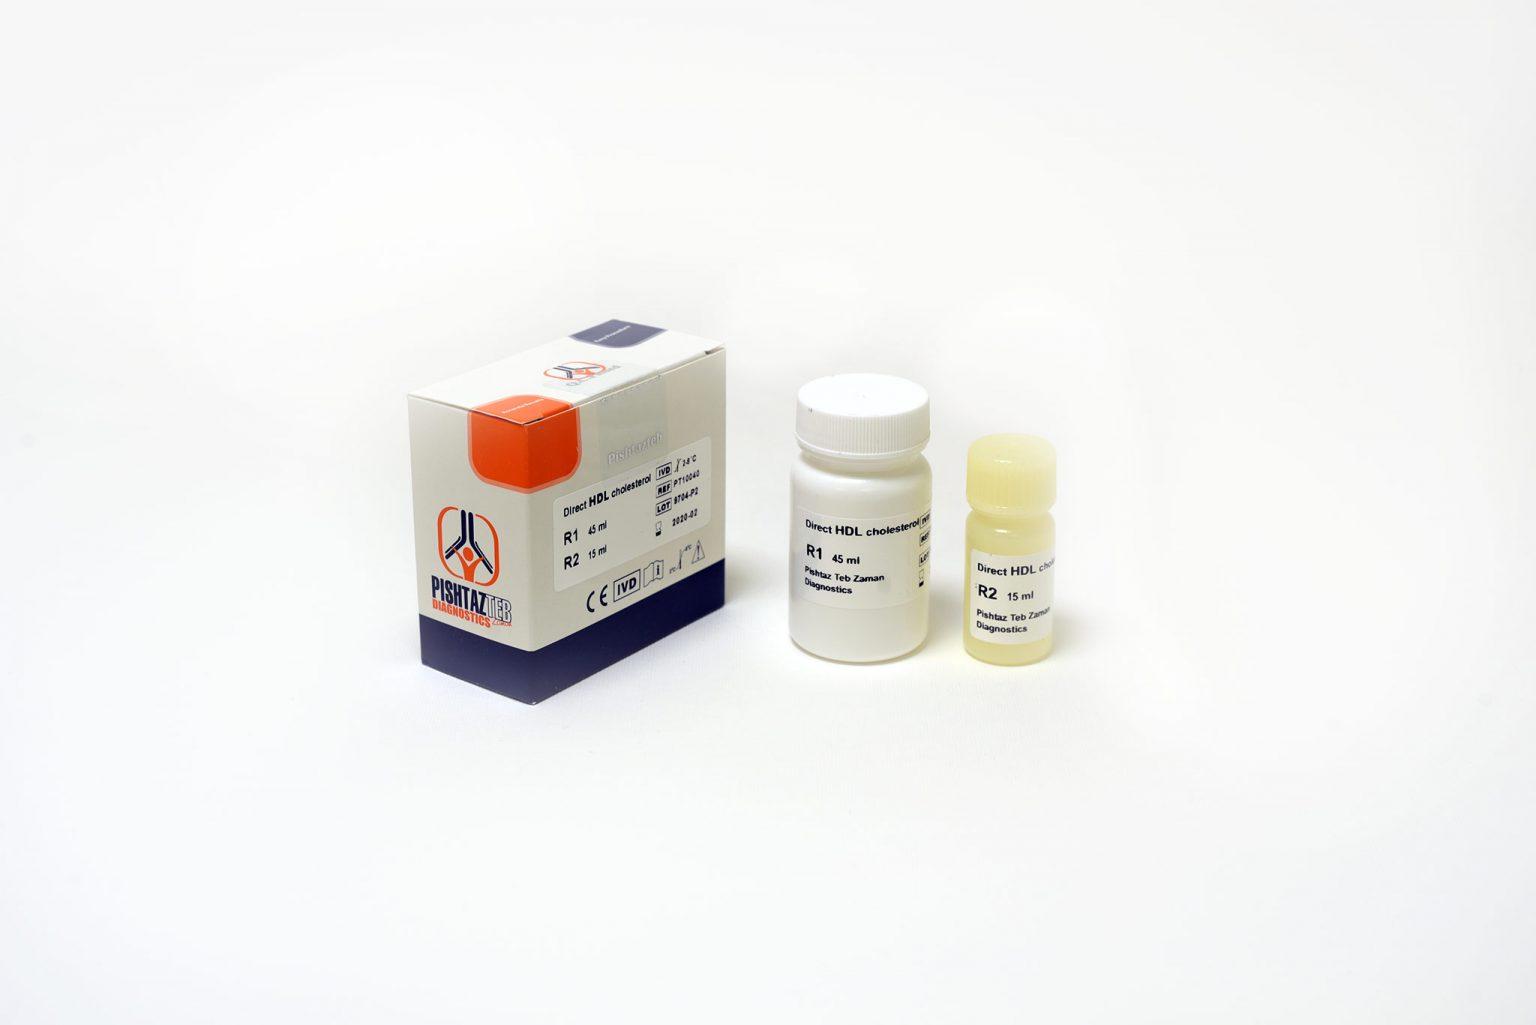 کیت بیوشیمی H911-912 / HDL پیشتاز طب